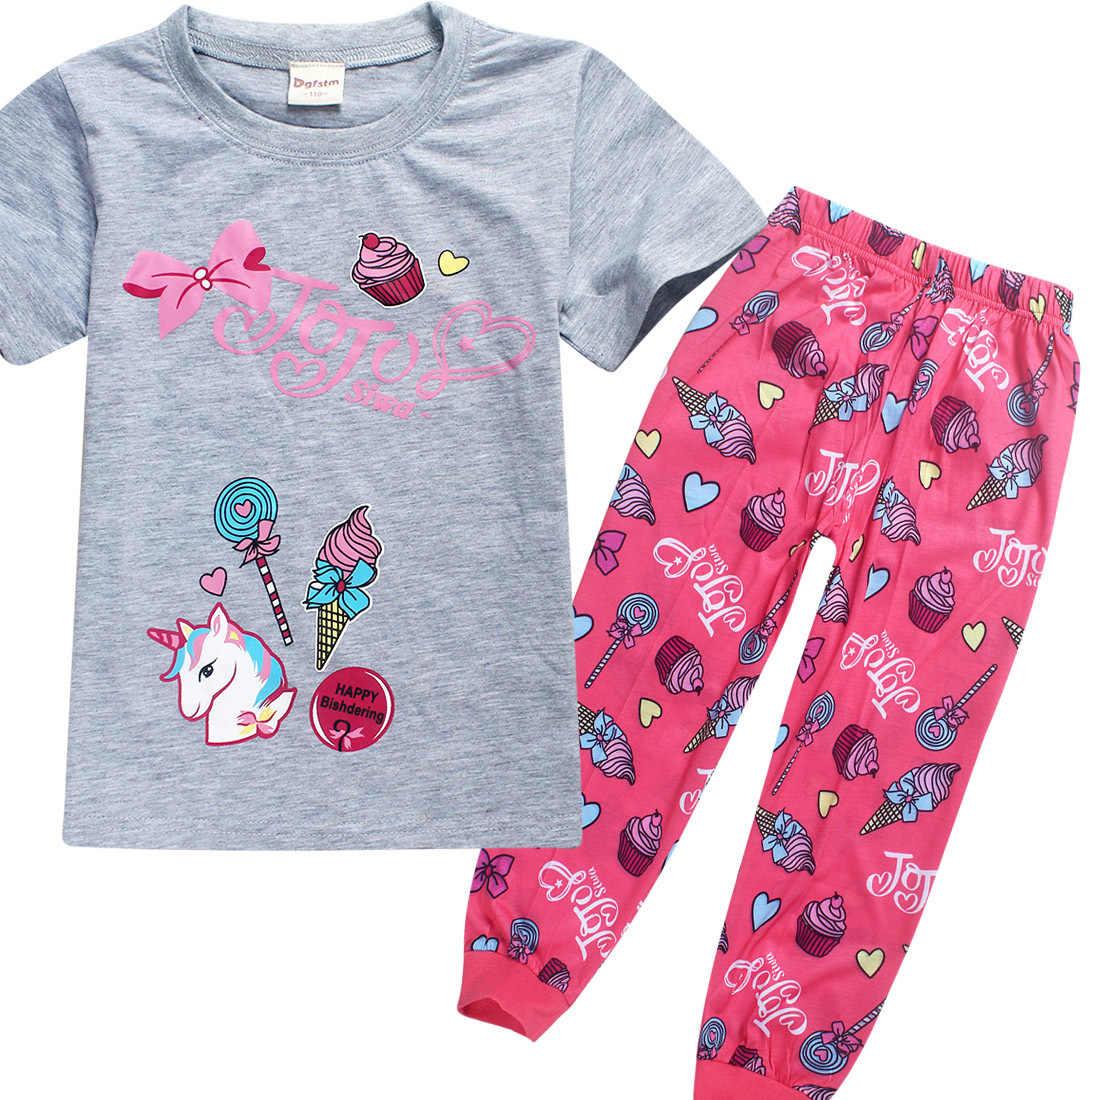 934bcb4198 Pajamas for kids Girls 2018 Summer Children clothing unicorns Sleepwear  Jojo Siwa Pijamas Unicornio Pyjamas animal